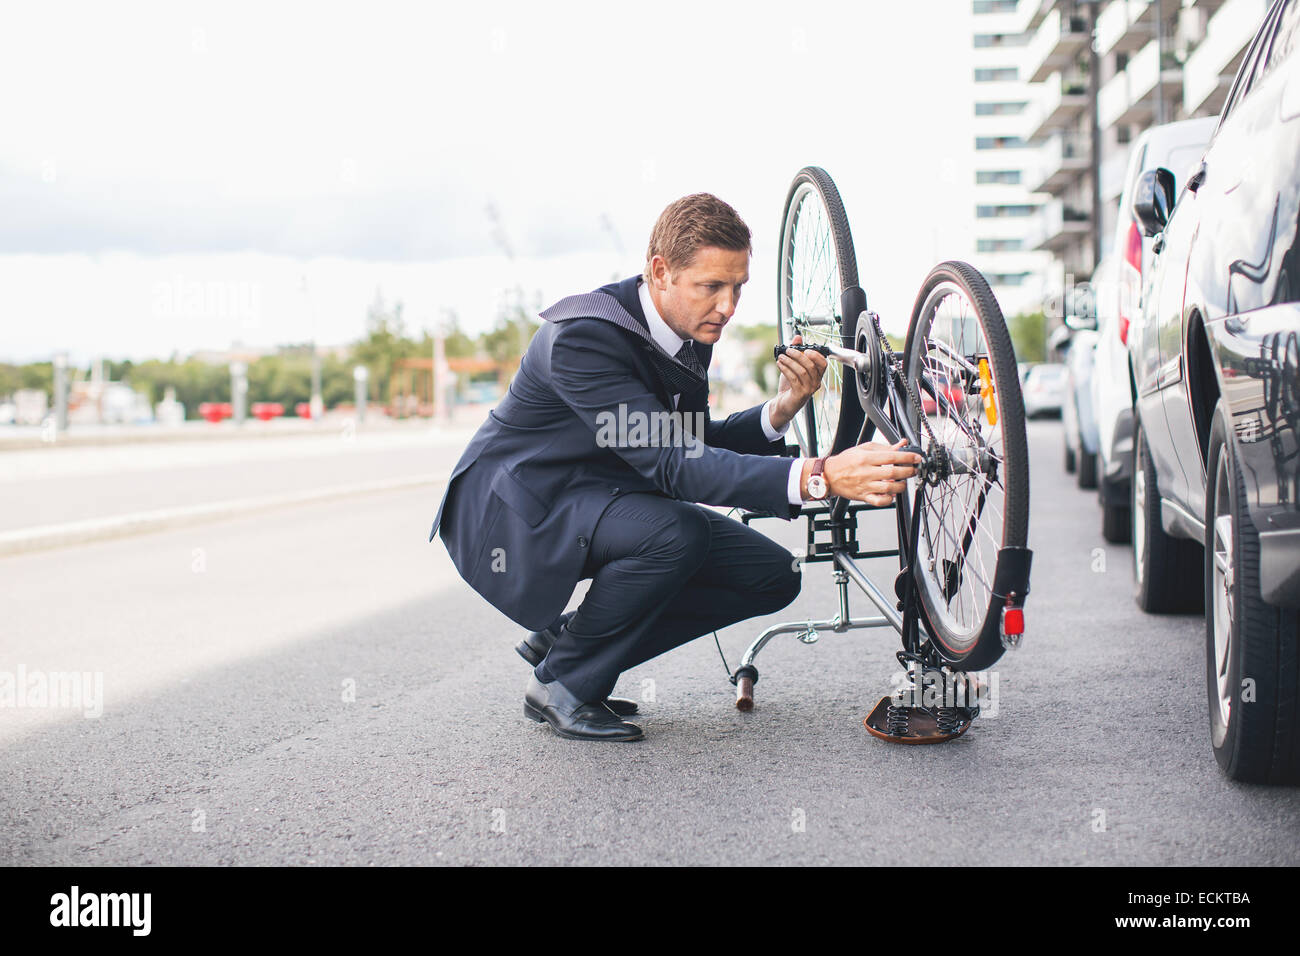 Geschäftsmann Befestigung Fahrradkette auf Stadtstraße gegen Himmel Stockbild